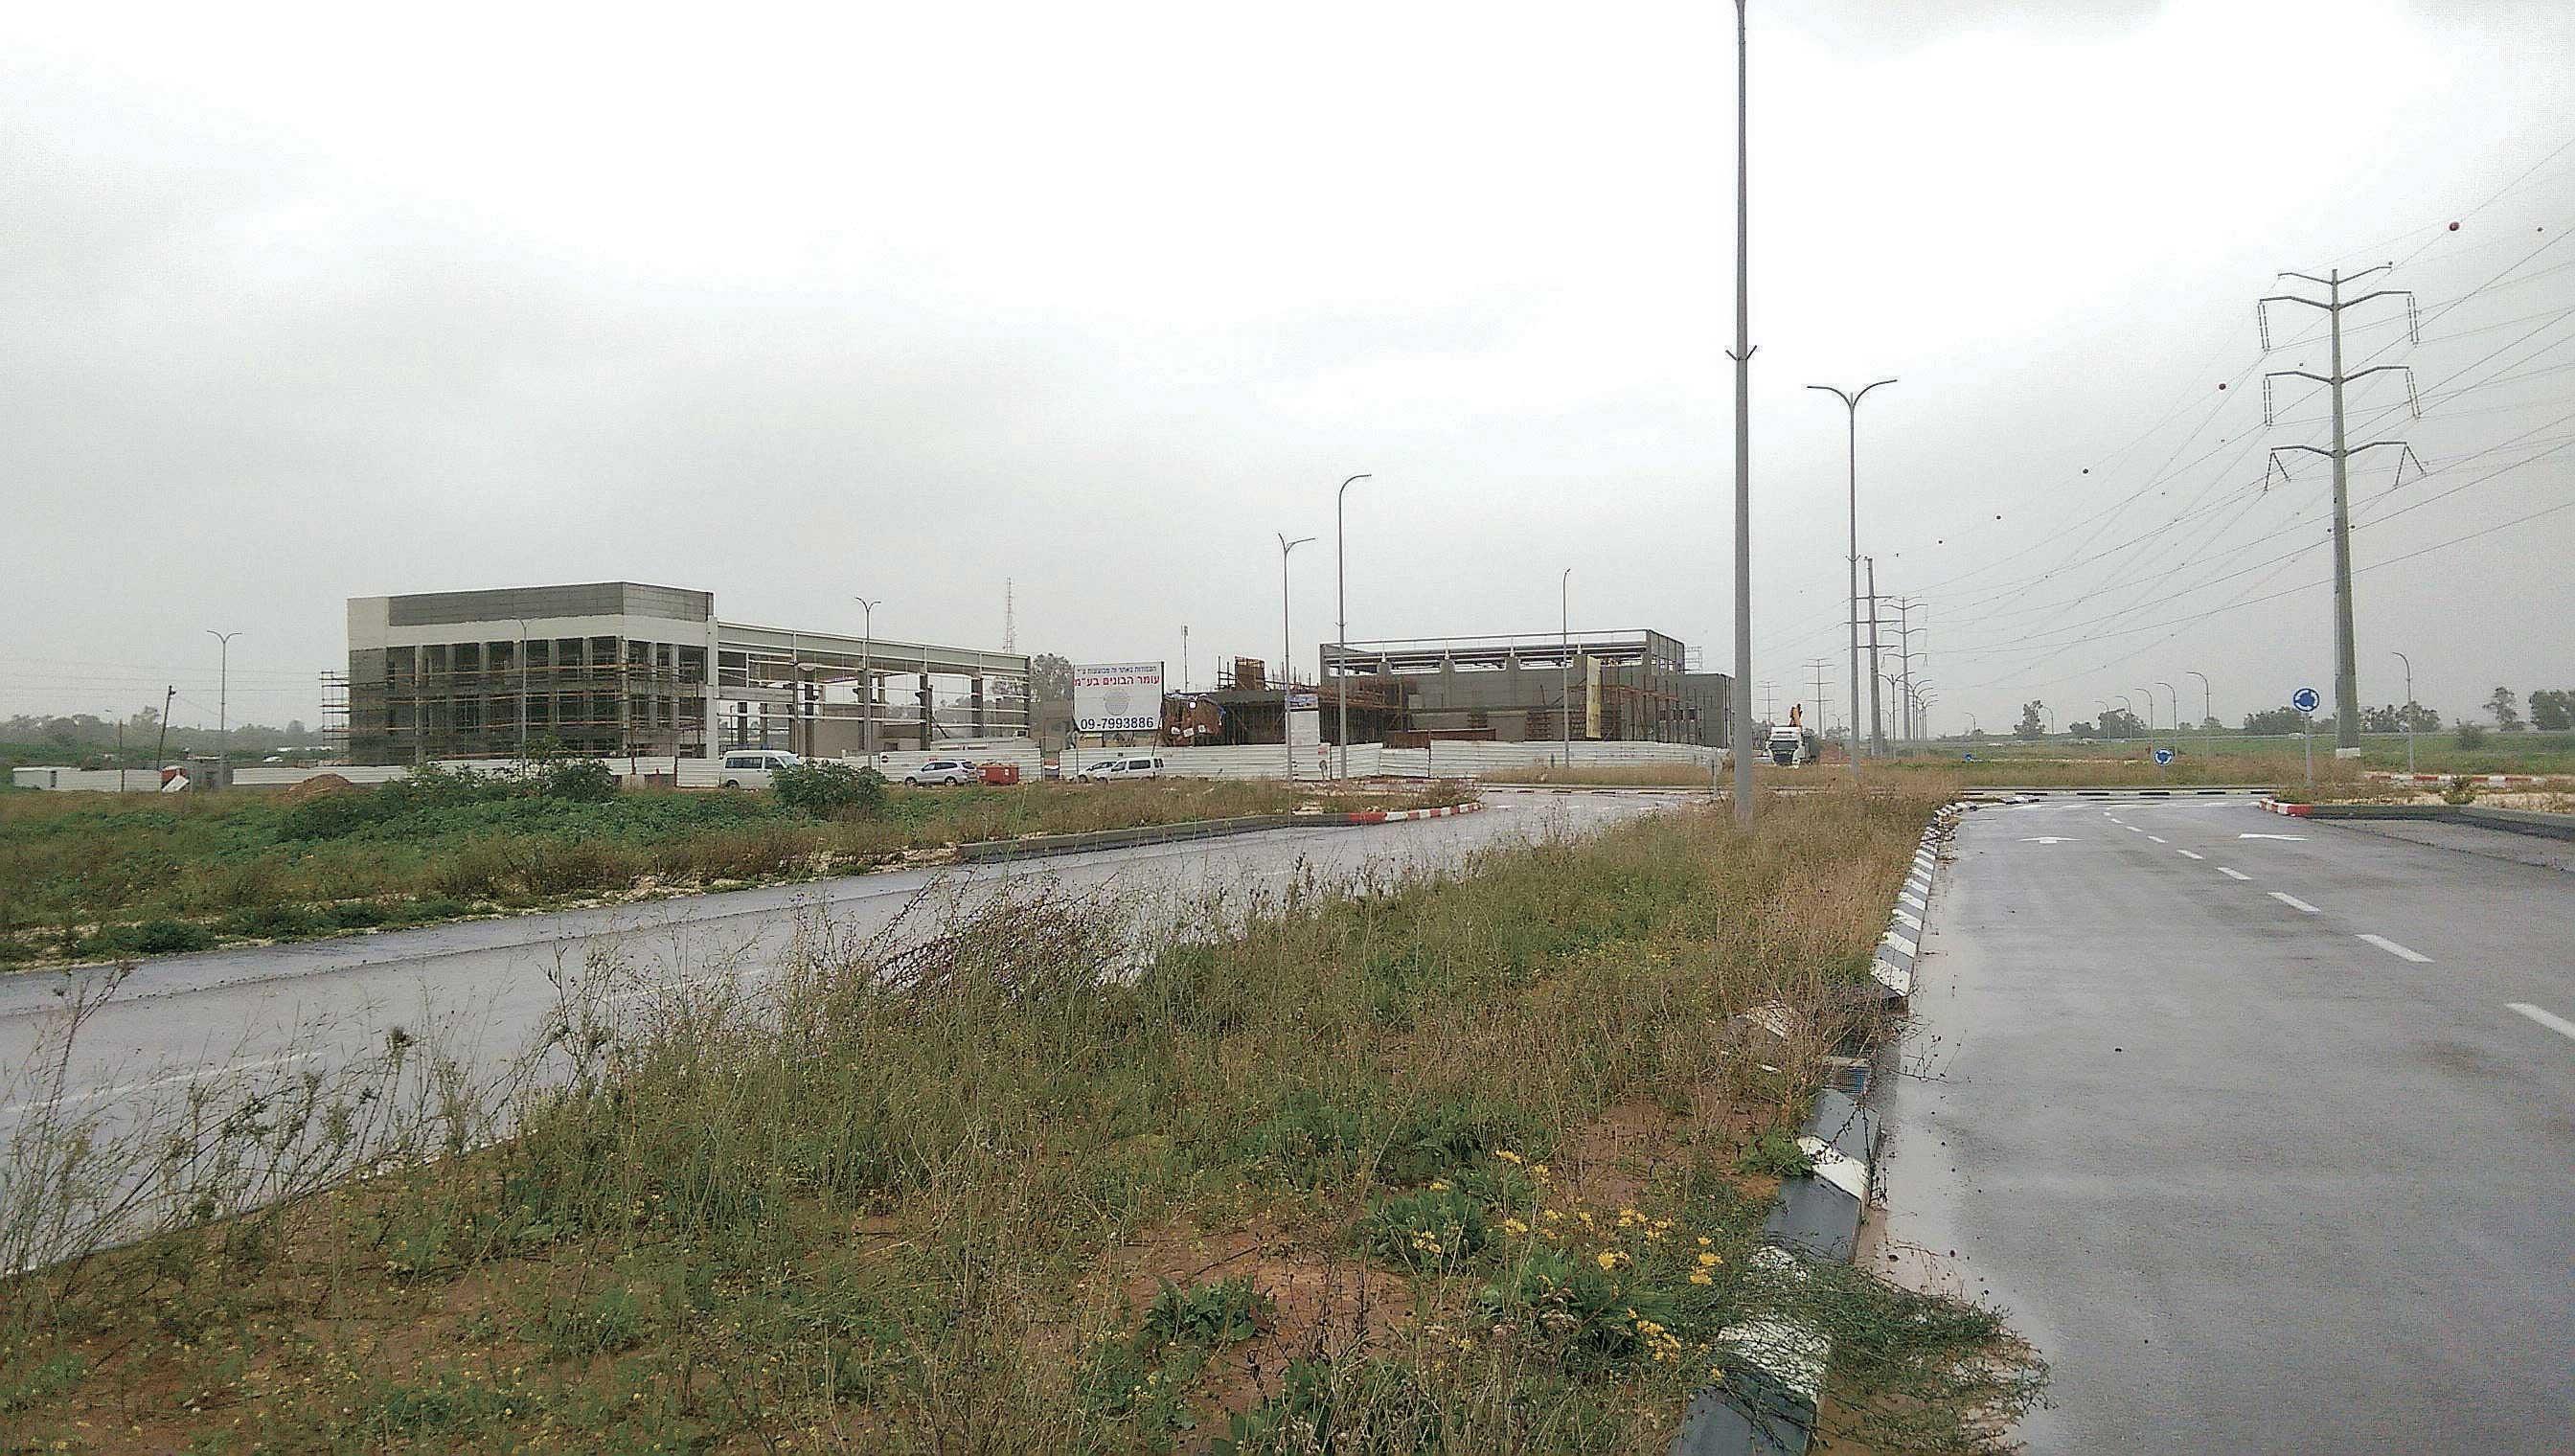 אזור התעשייה 50 במזרח כפר סבא. צילום עזרא לוי